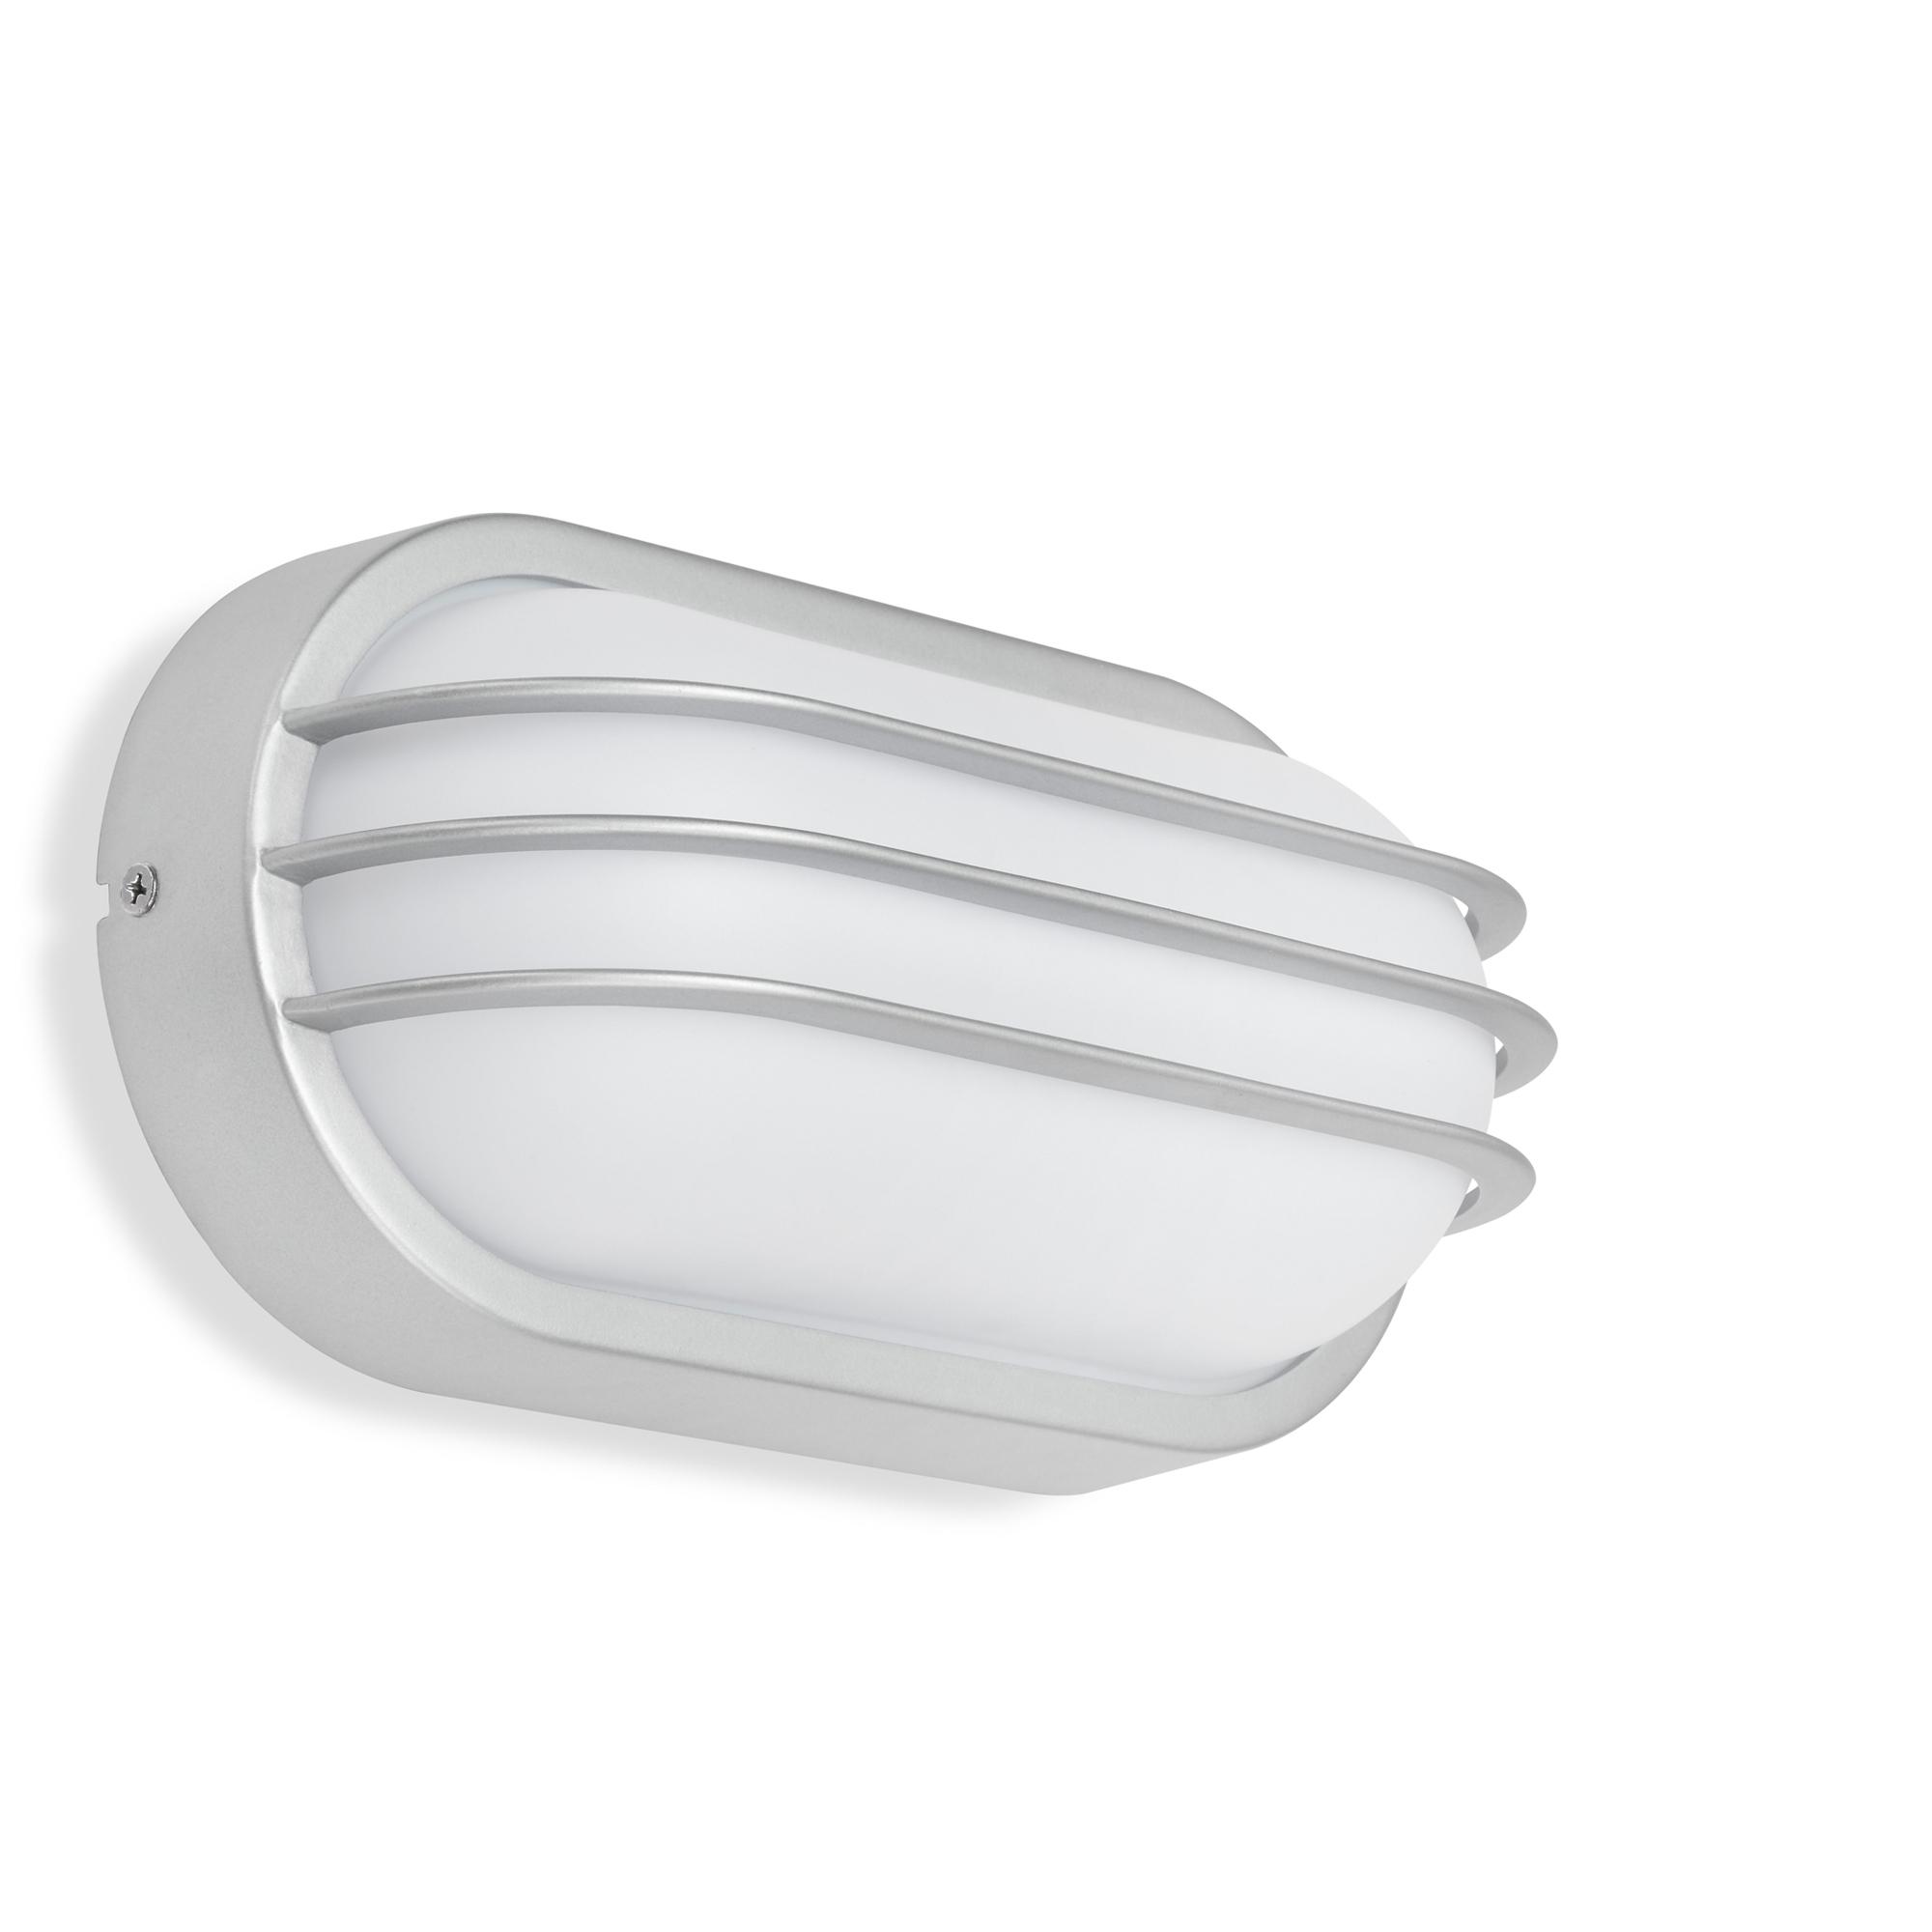 TELEFUNKEN LED Außenwandleuchte, 24 cm, 12 W, Silber